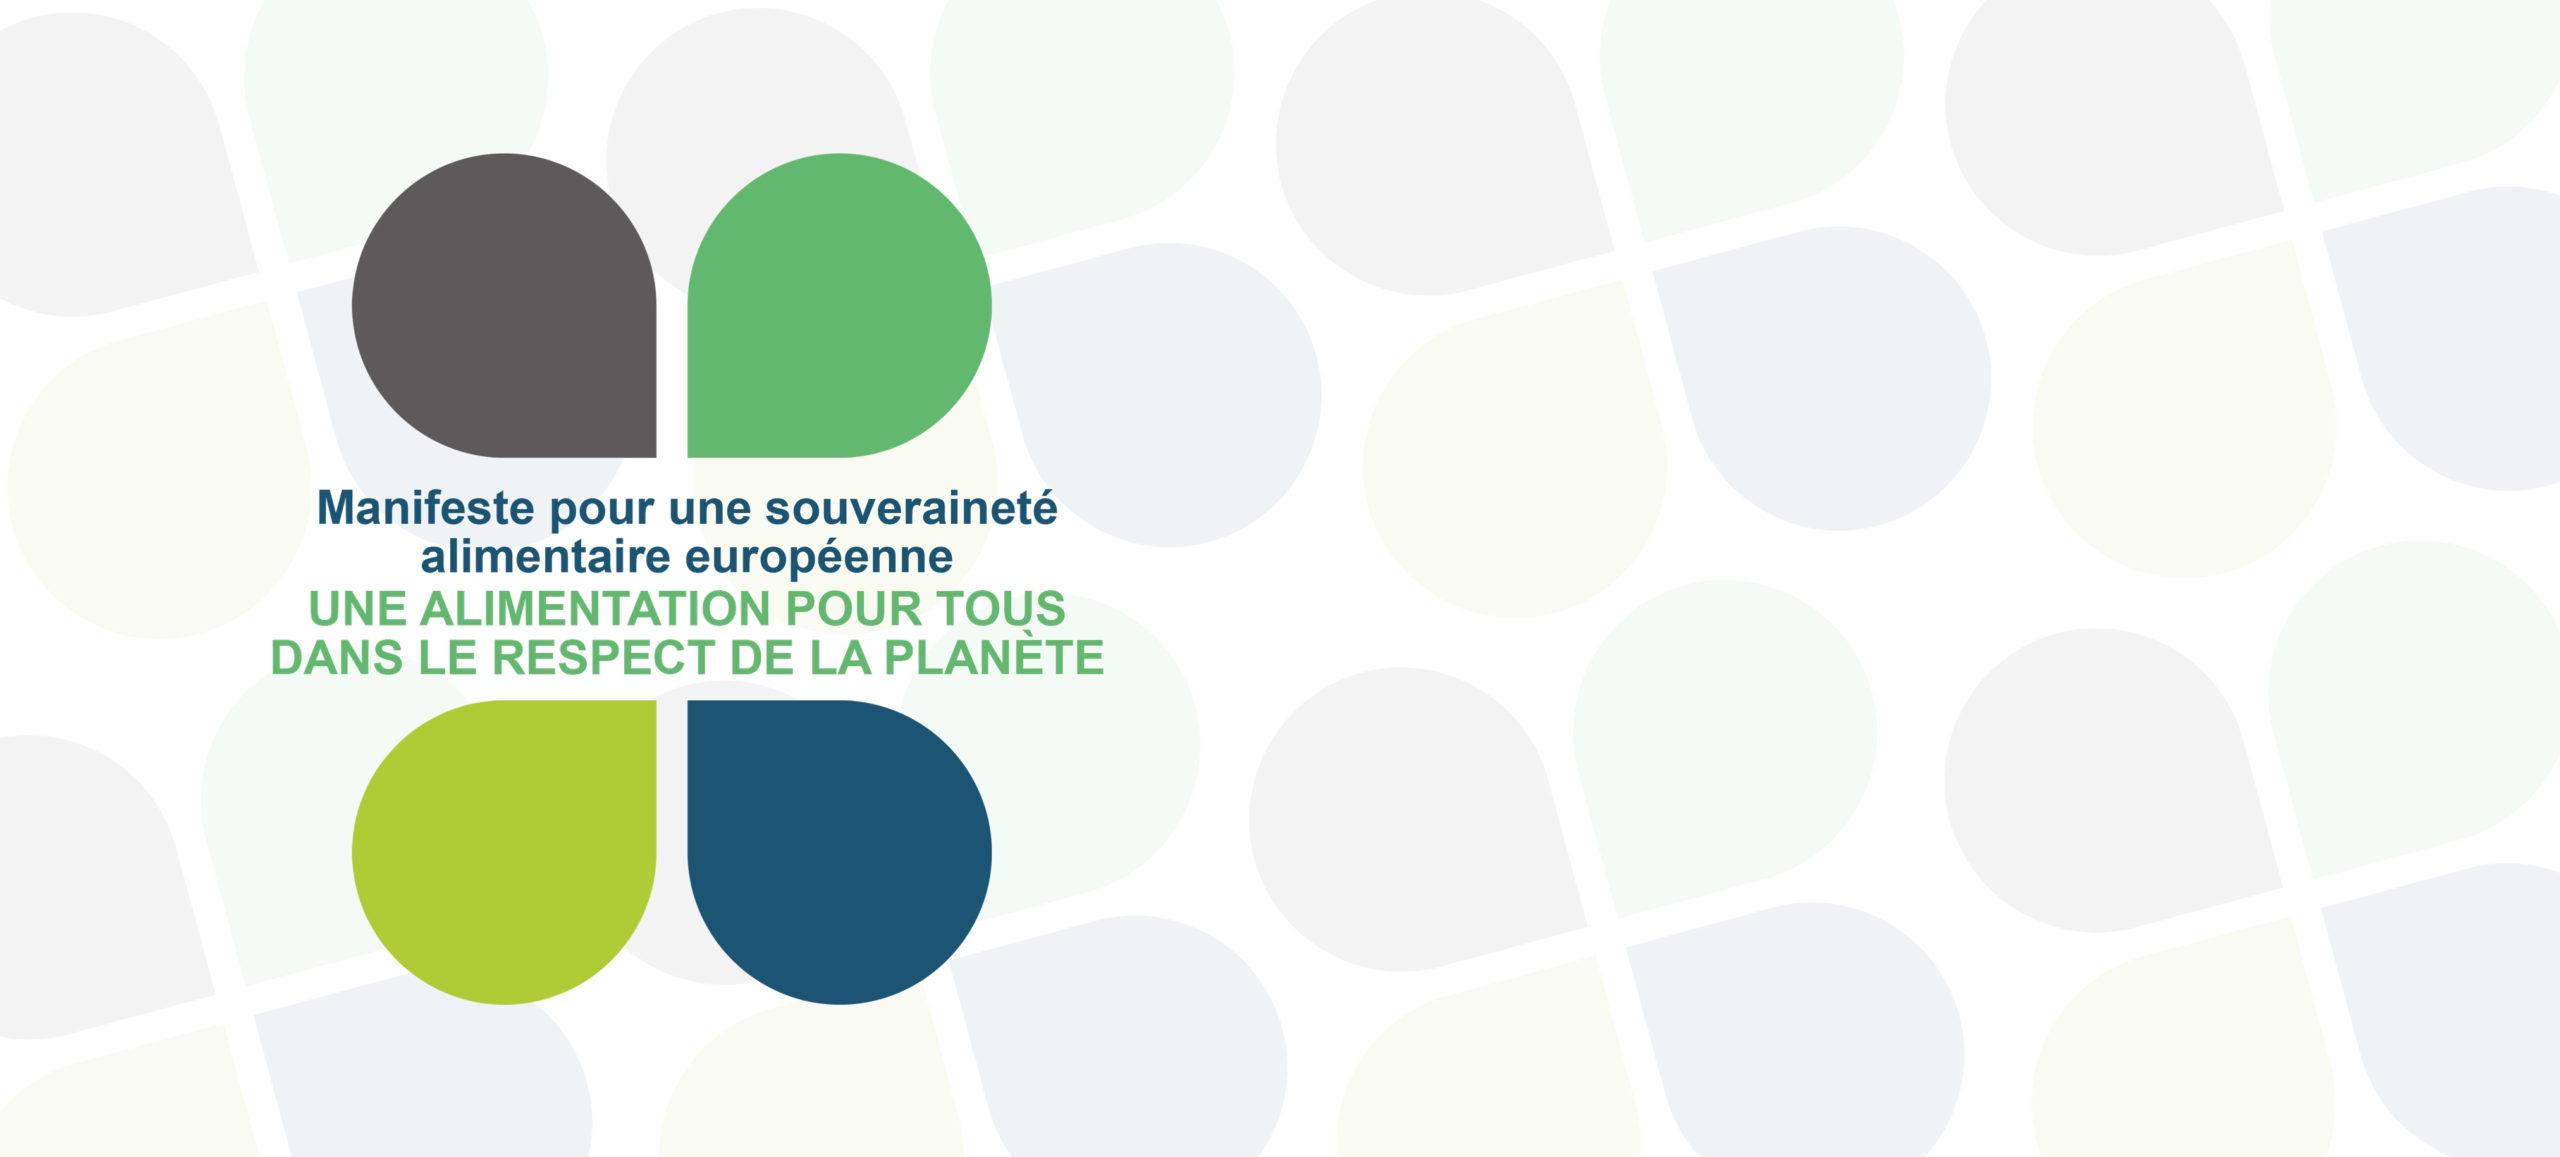 Manifeste pour une souveraineté alimentaire européenne